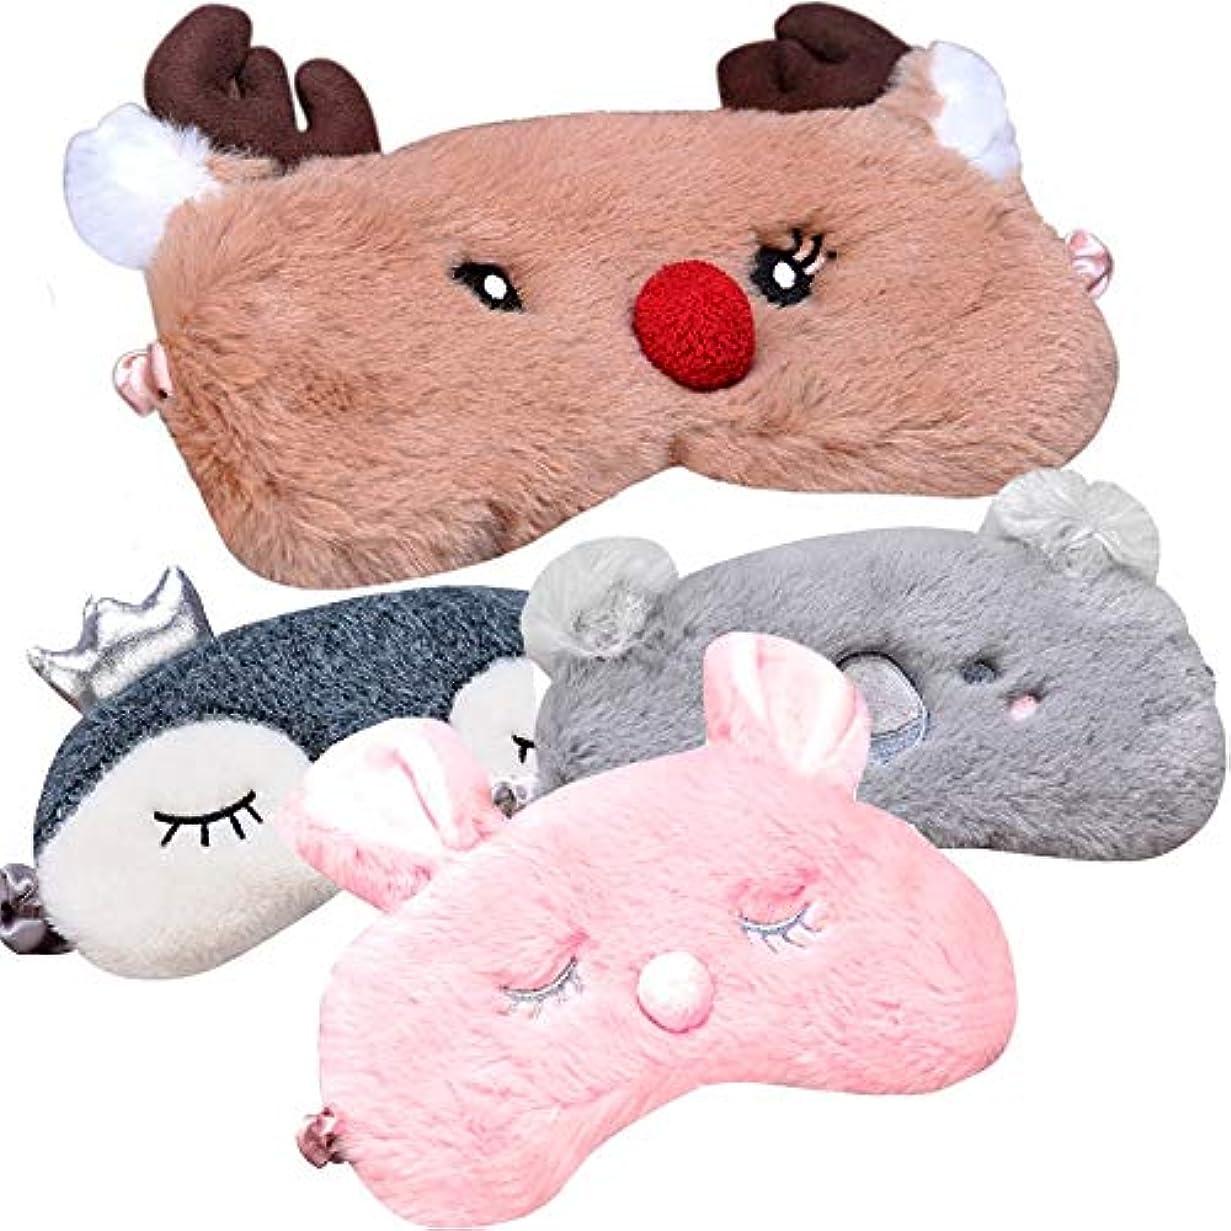 頭コミュニケーション定義する注冬の昼寝漫画ぬいぐるみマスク包帯用睡眠目シェード睡眠マスクカットコアラカバーアイパッチ包帯クリスマスギフト